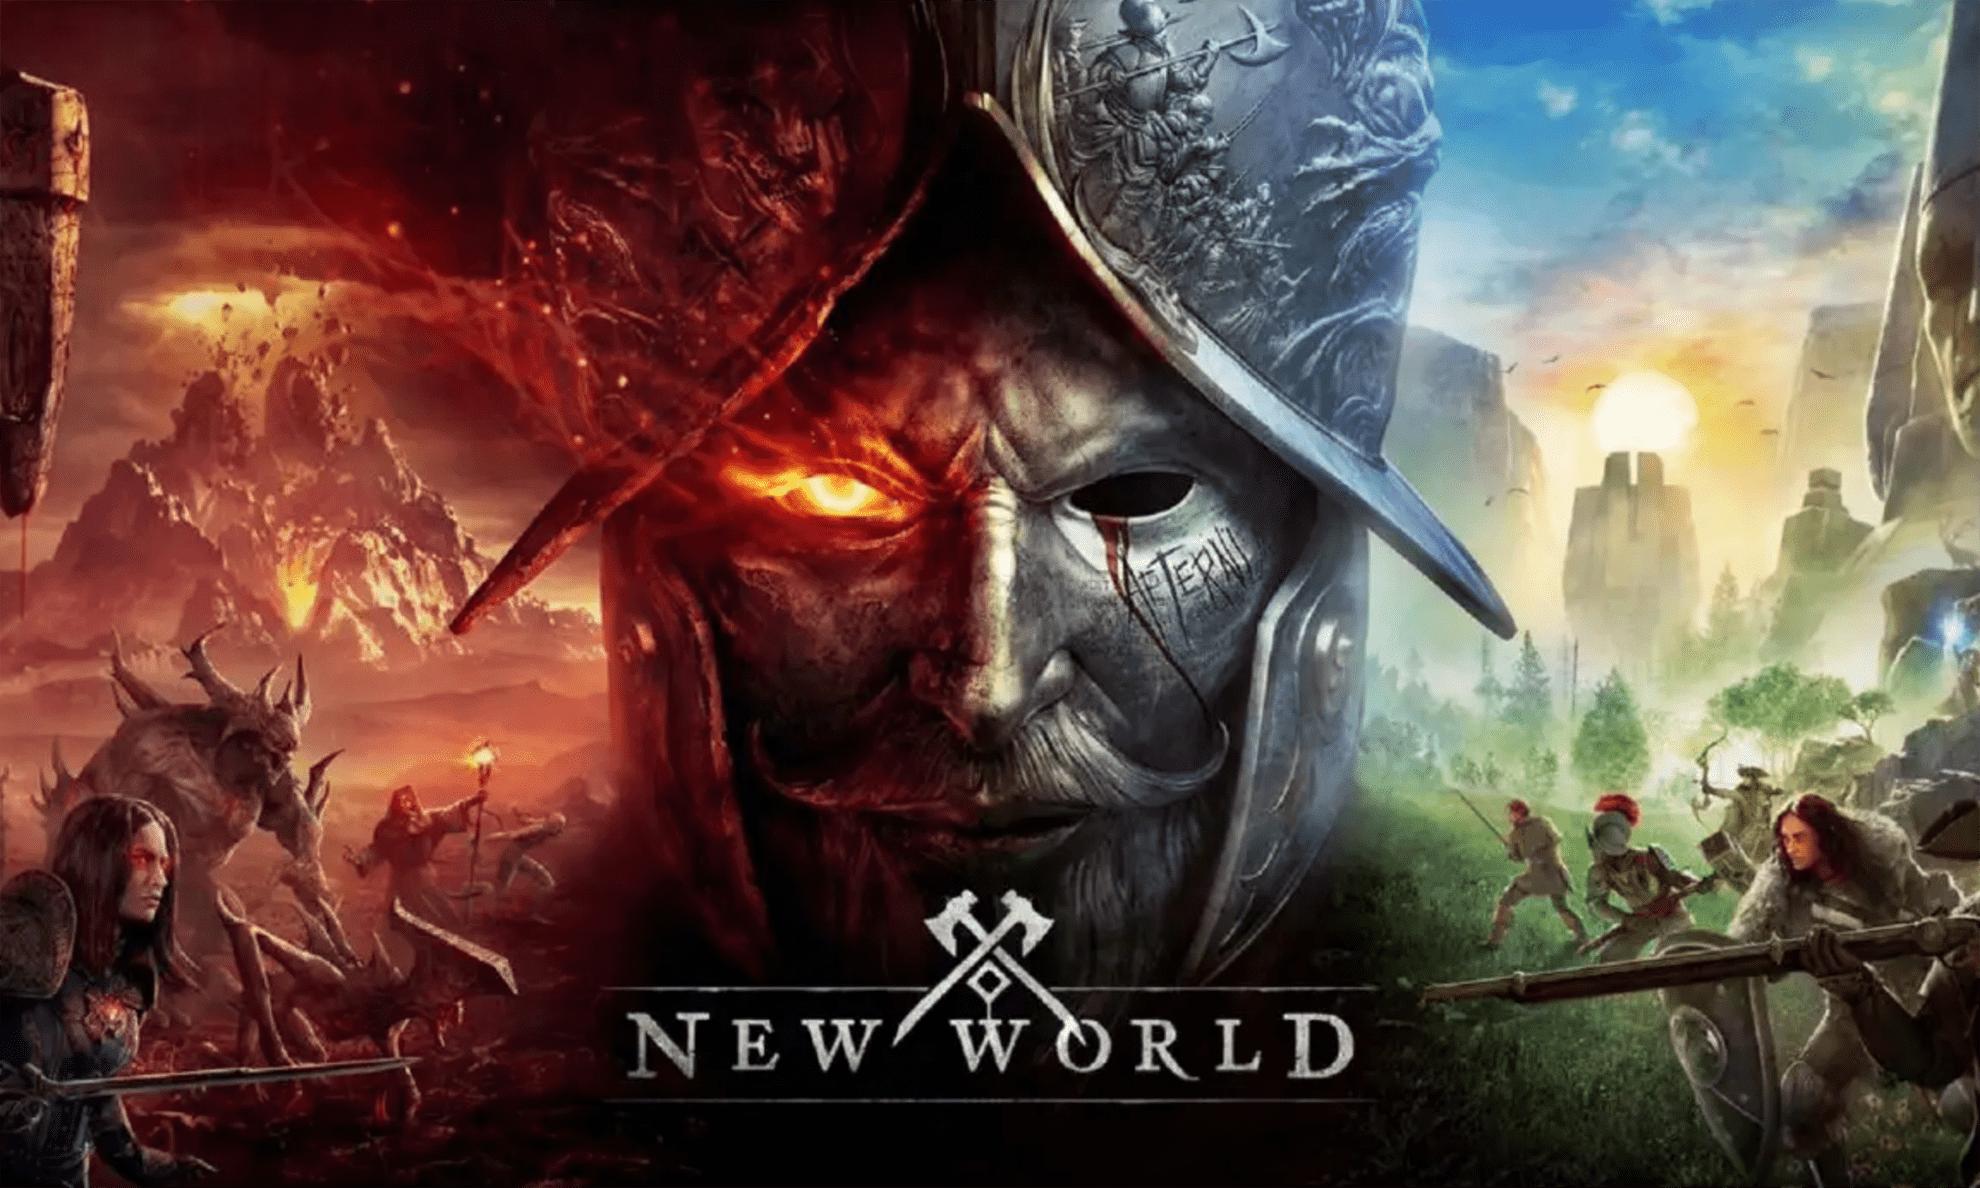 打造 5 年,亚马逊开启《New World》游戏 Beta 测试